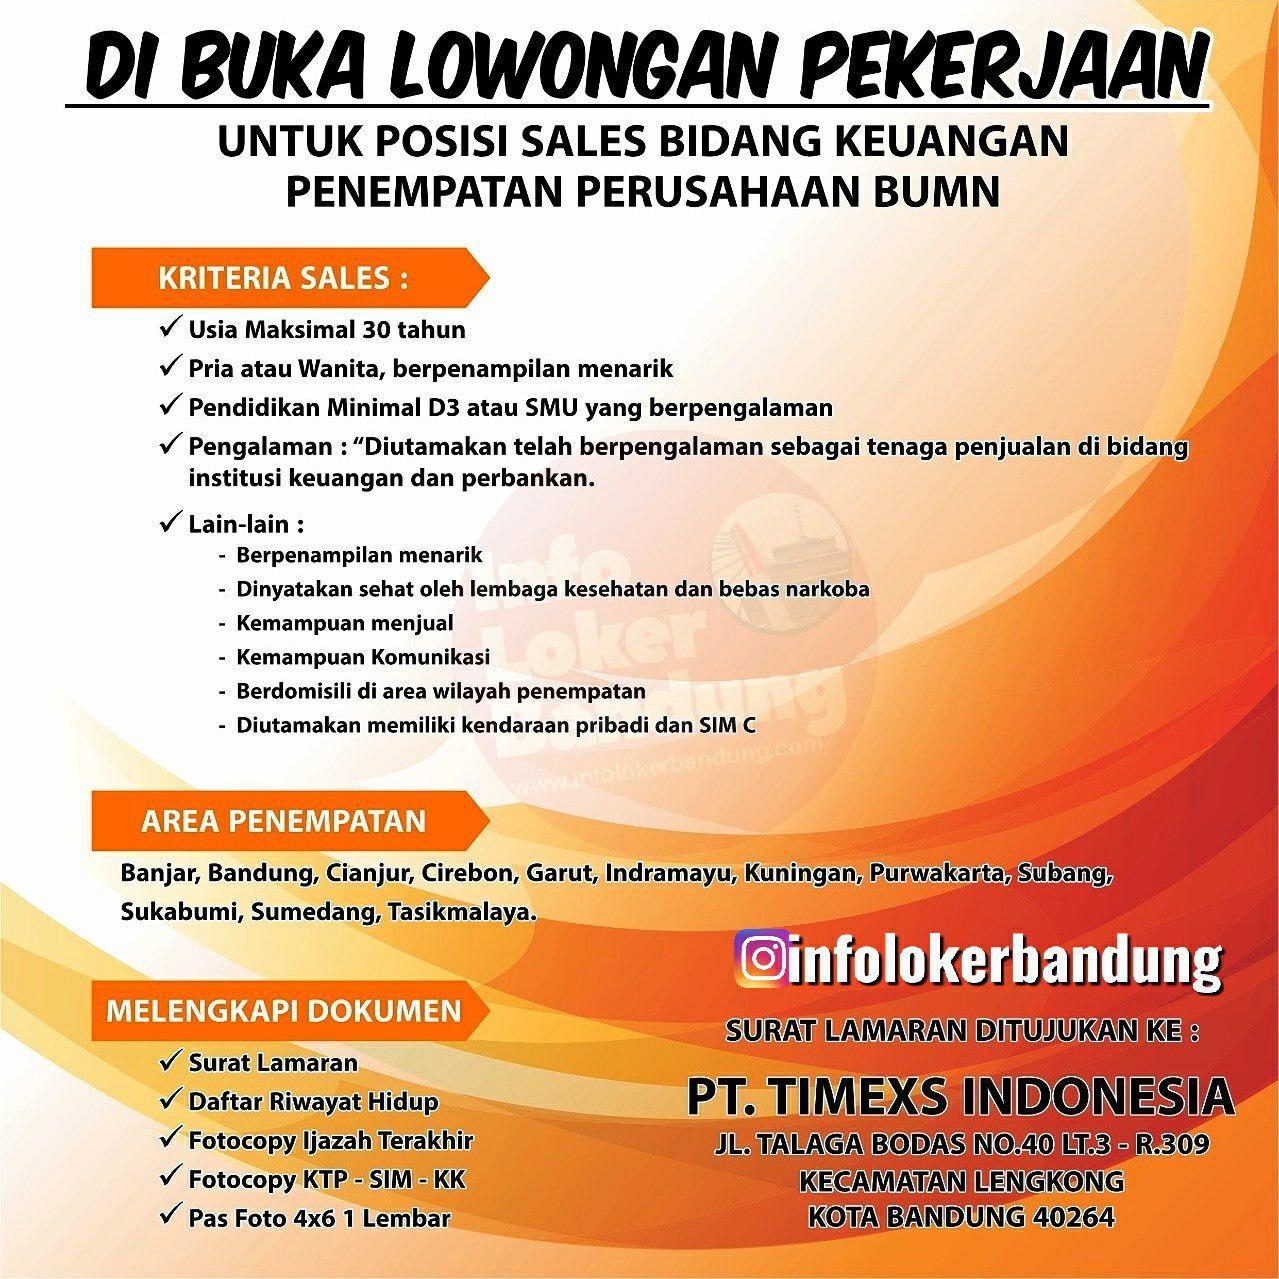 Lowongan Kerja PT. Timexs Indonesia Bandung Oktober 2019